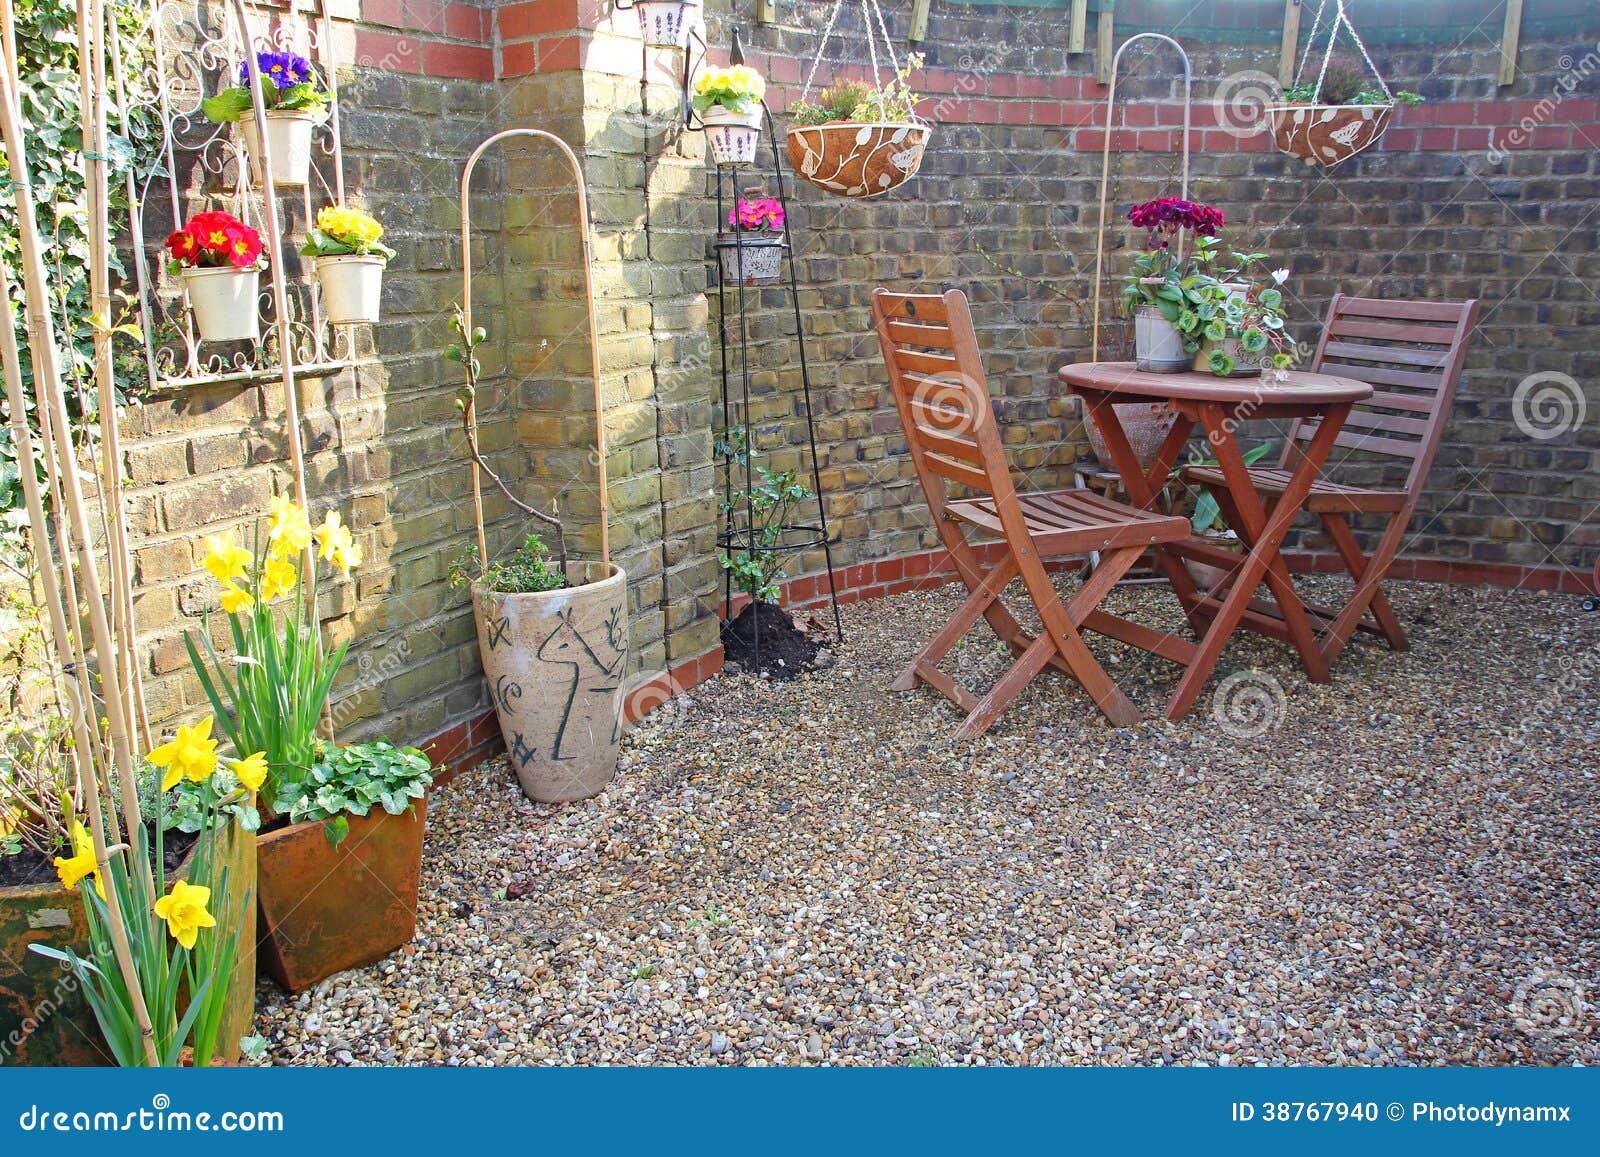 Small Courtyard Garden Stock Photo Image 38767940